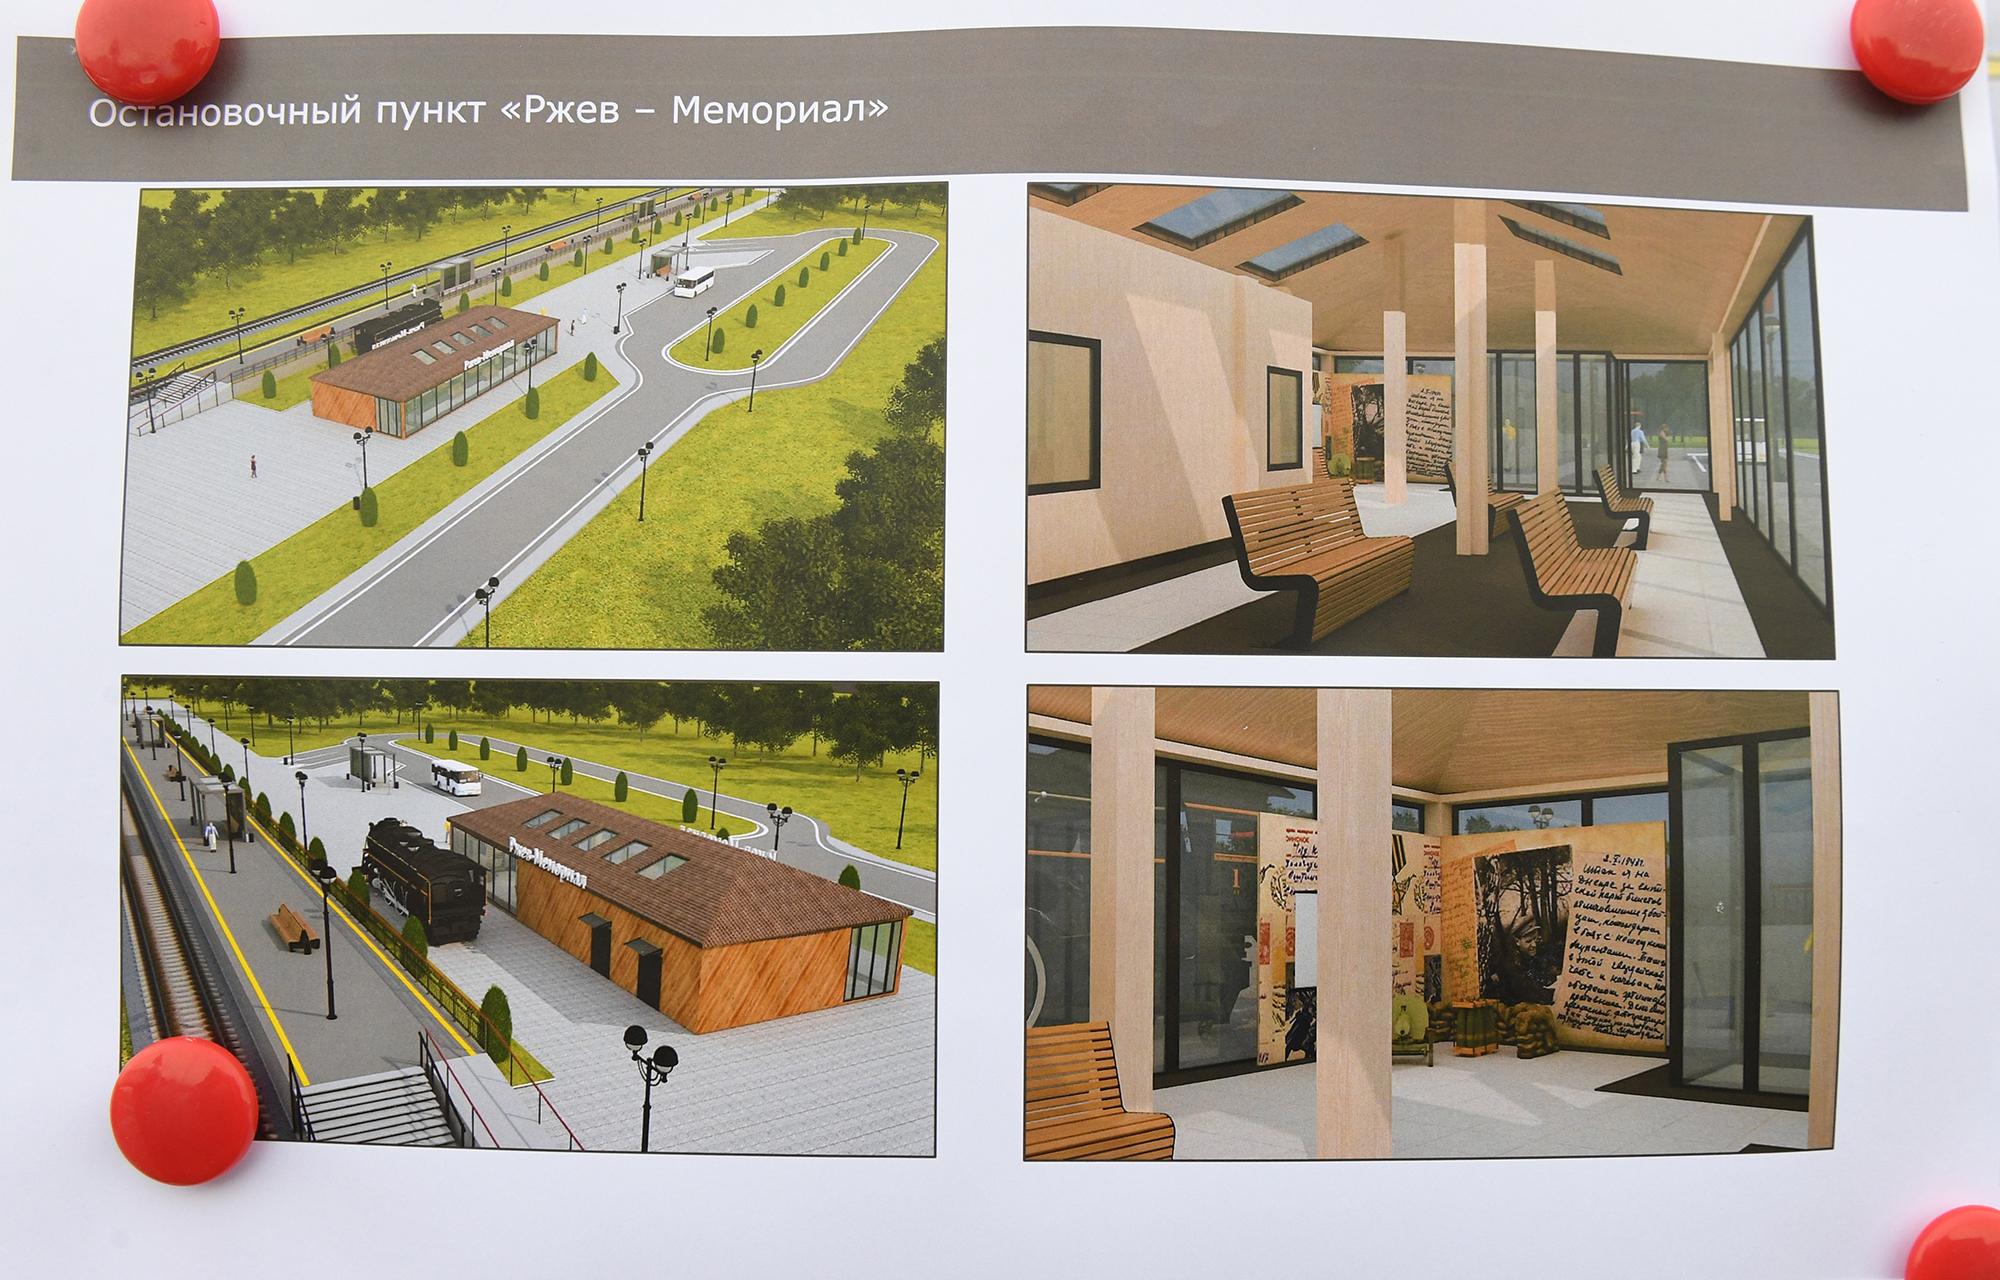 В Тверской области начинают строить железнодорожную остановку возле ржевского мемориала